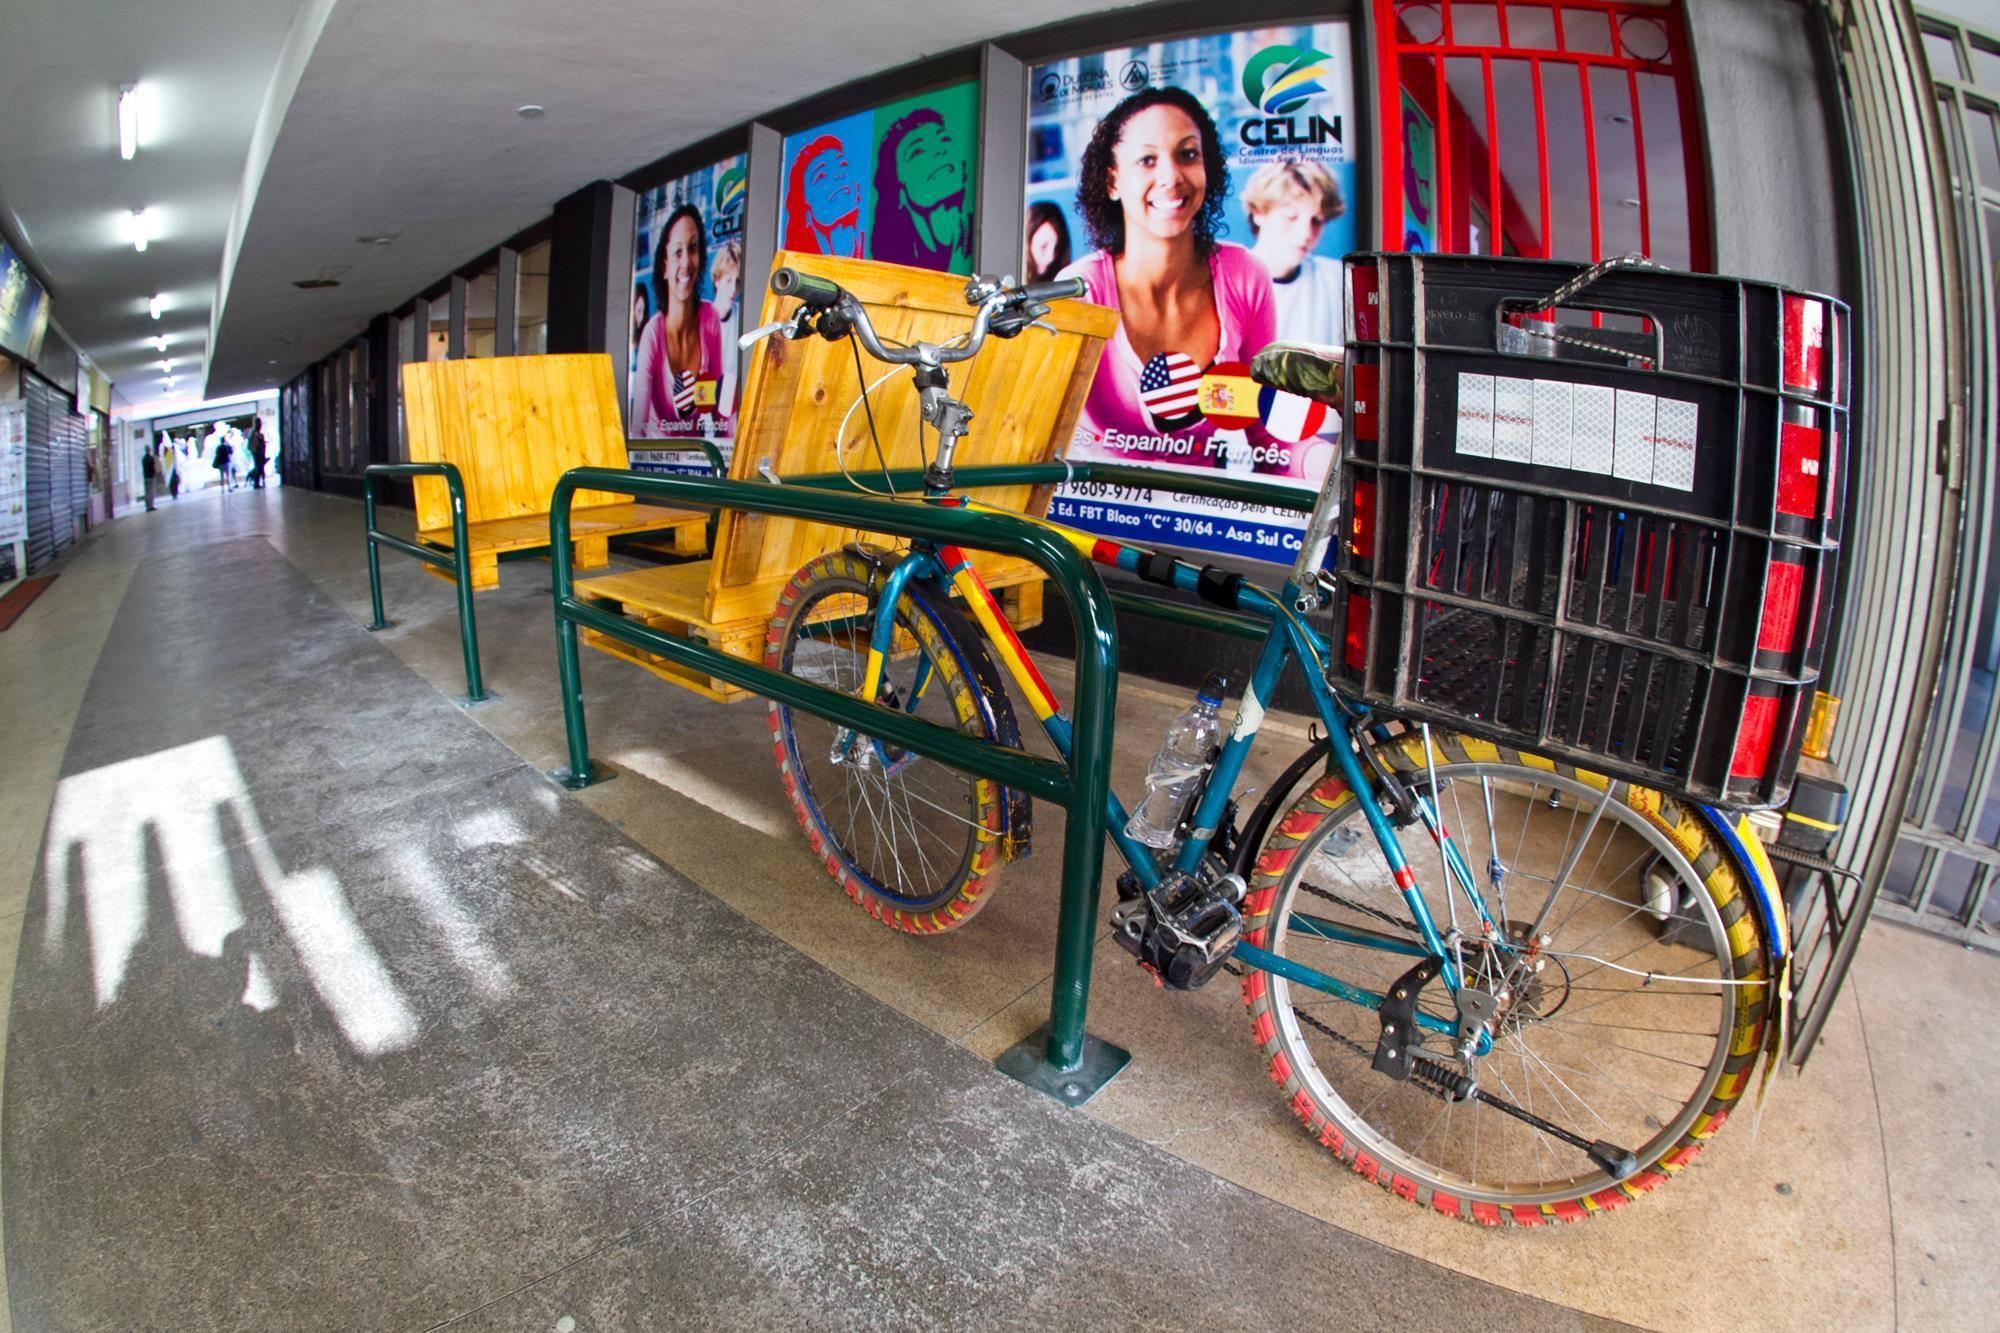 Banco bicicletário instalado na galeria do Complexo Cultural Dulcina de Moraes. Fotos de Camilo Neres